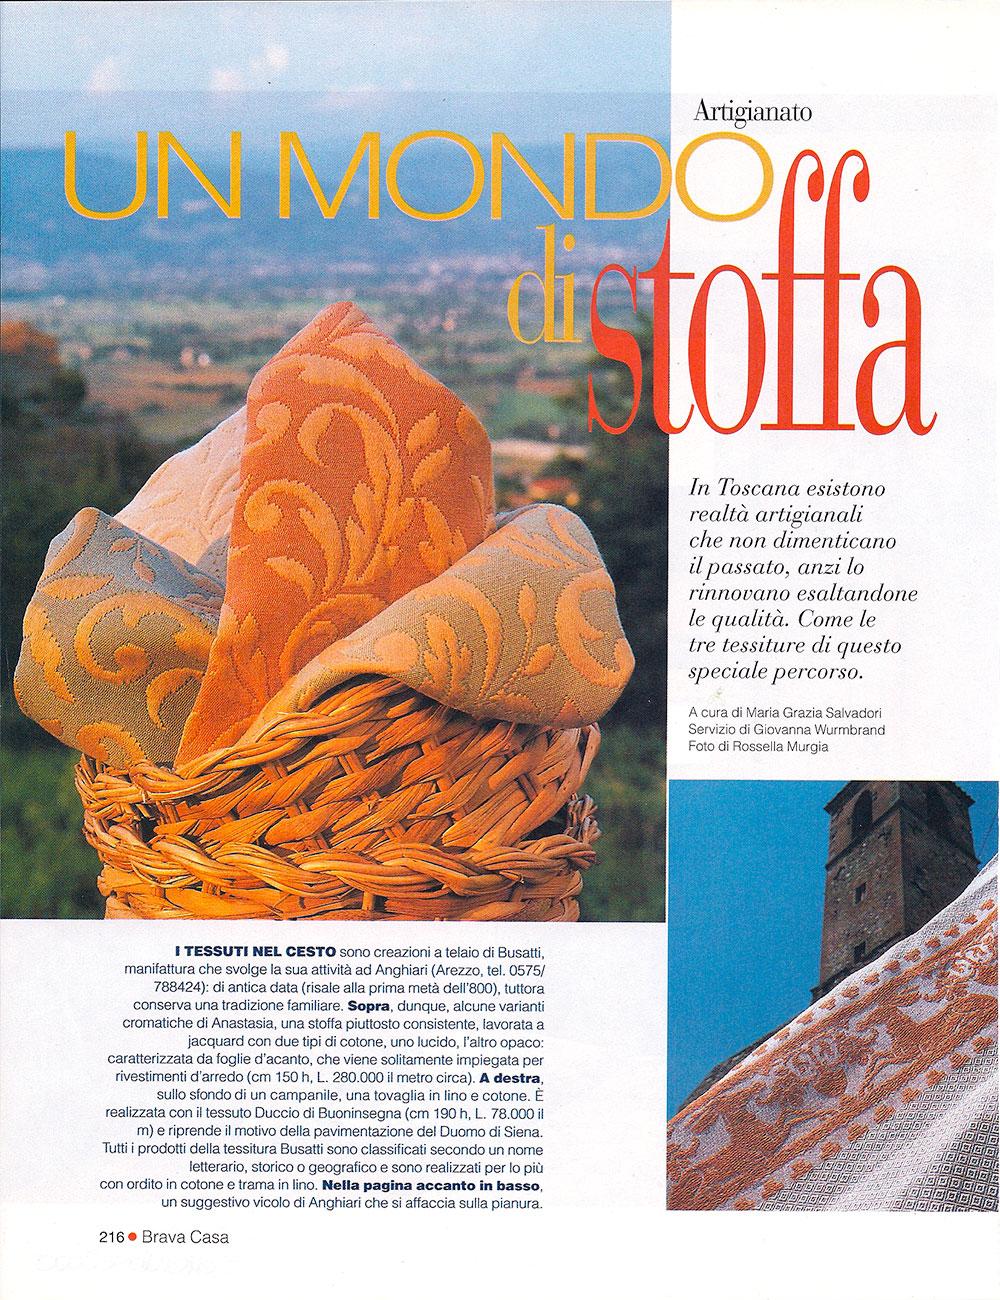 Rossella-Murgia-fotoreportage-07